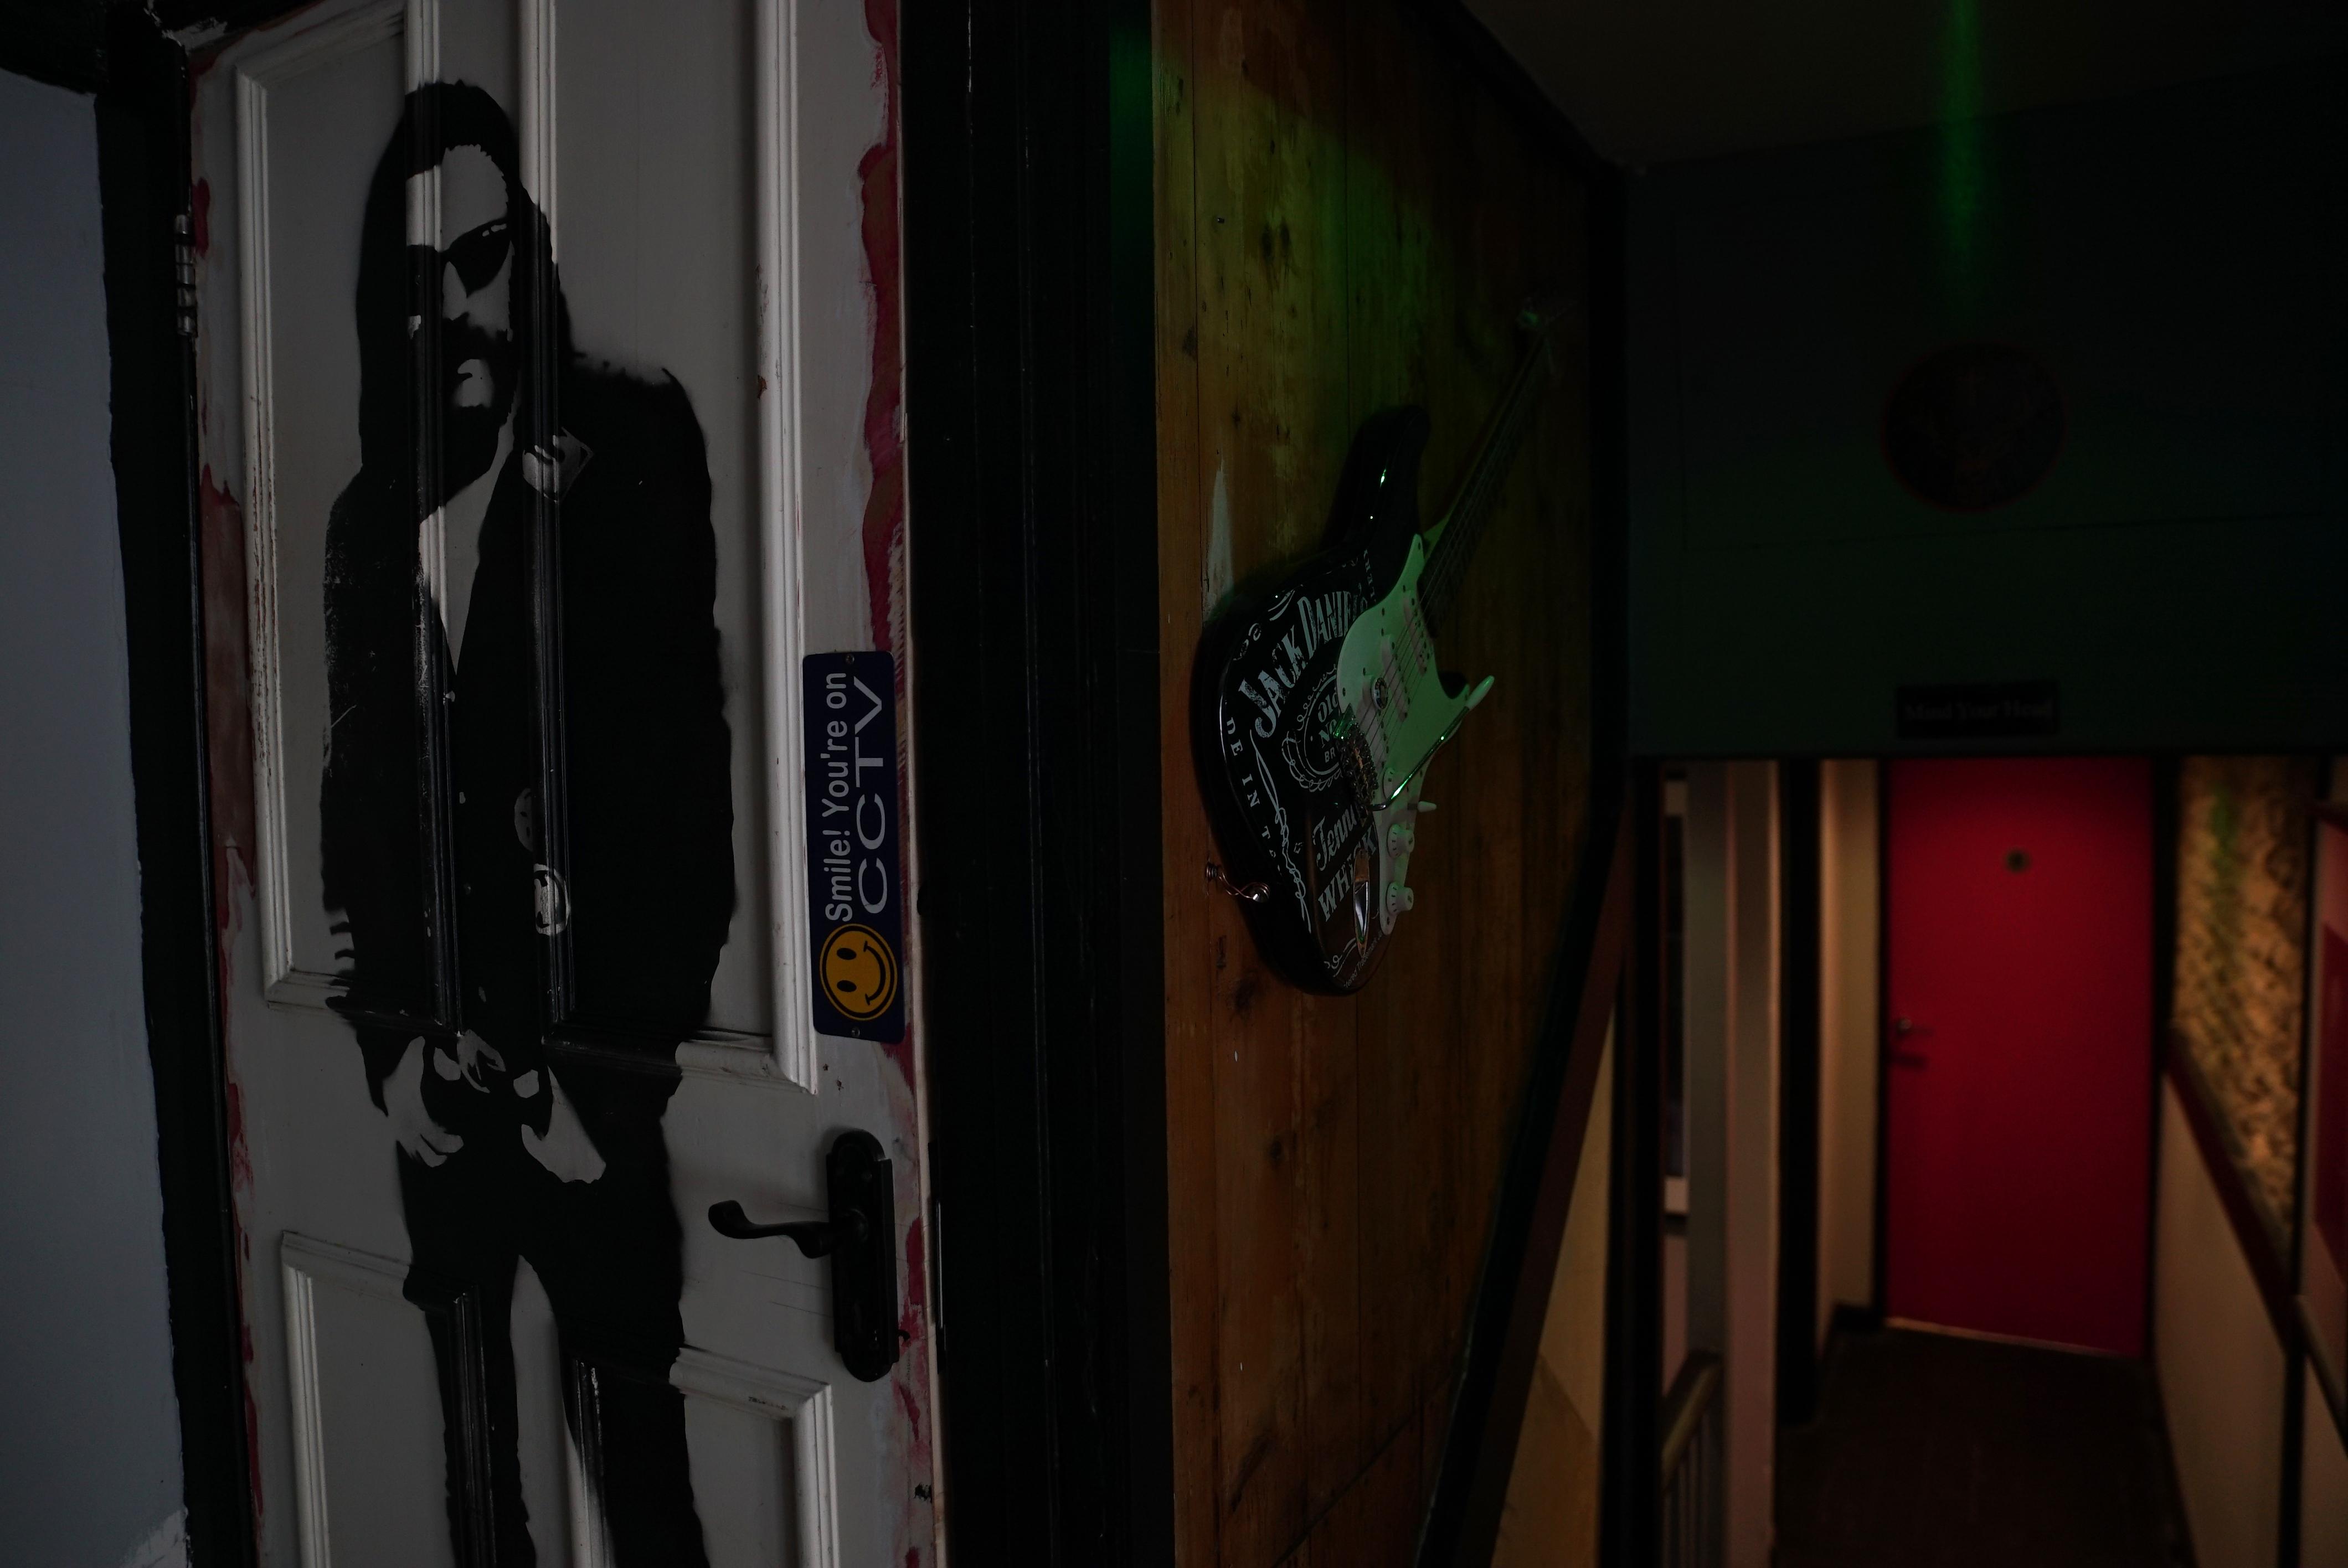 Lemmy Kilmister door